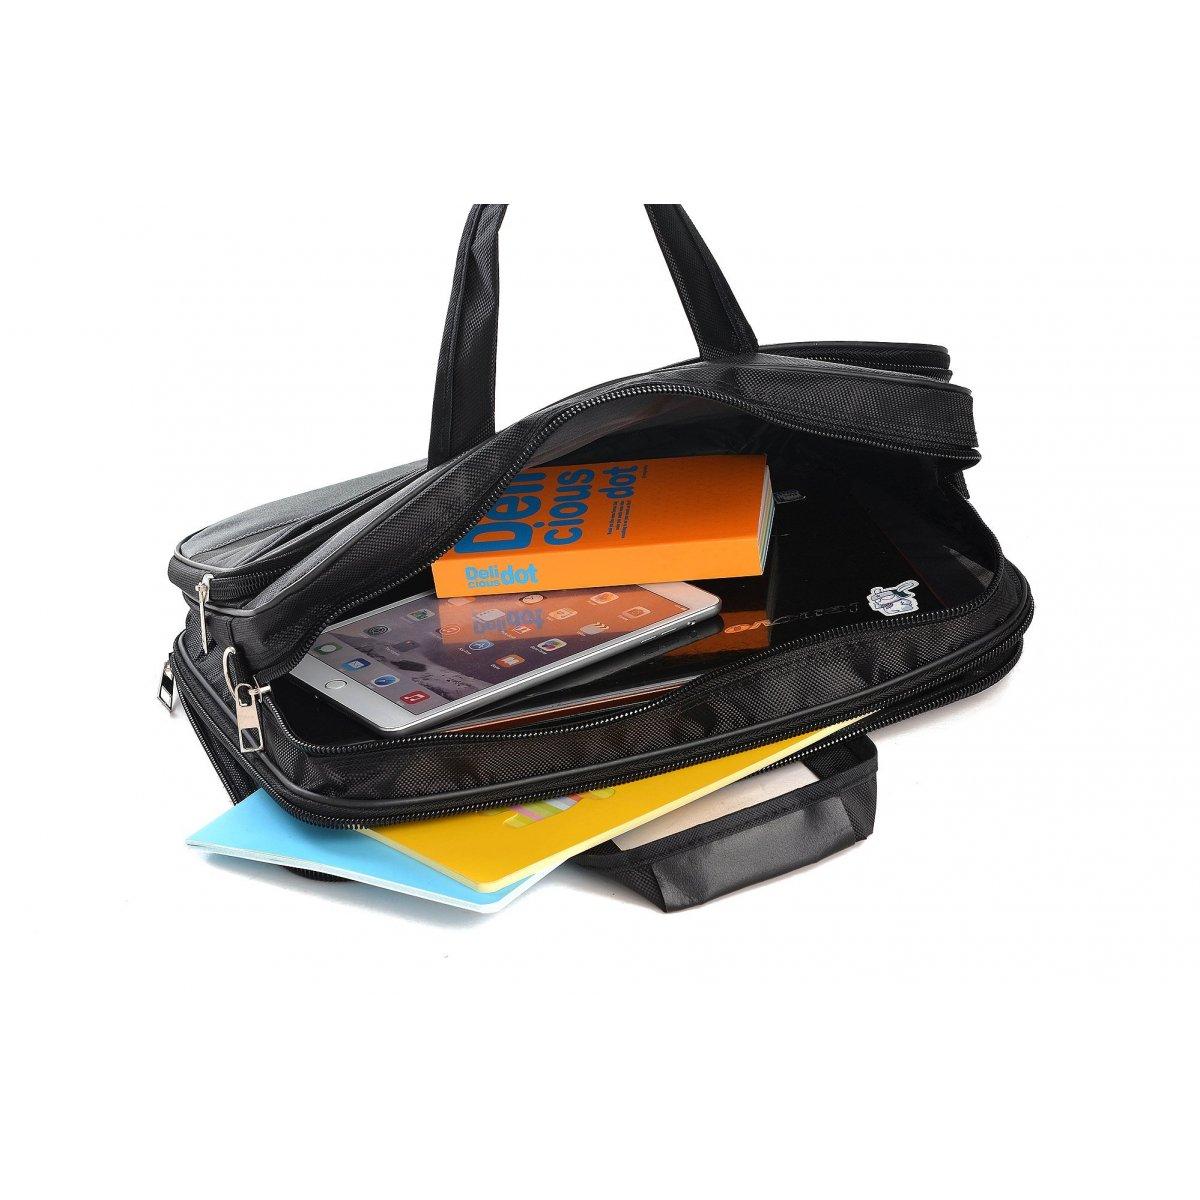 Serviette porte ordinateur les sacs de k 39 rlot hk161002 couleur principale noir - Porte serviette pas cher ...